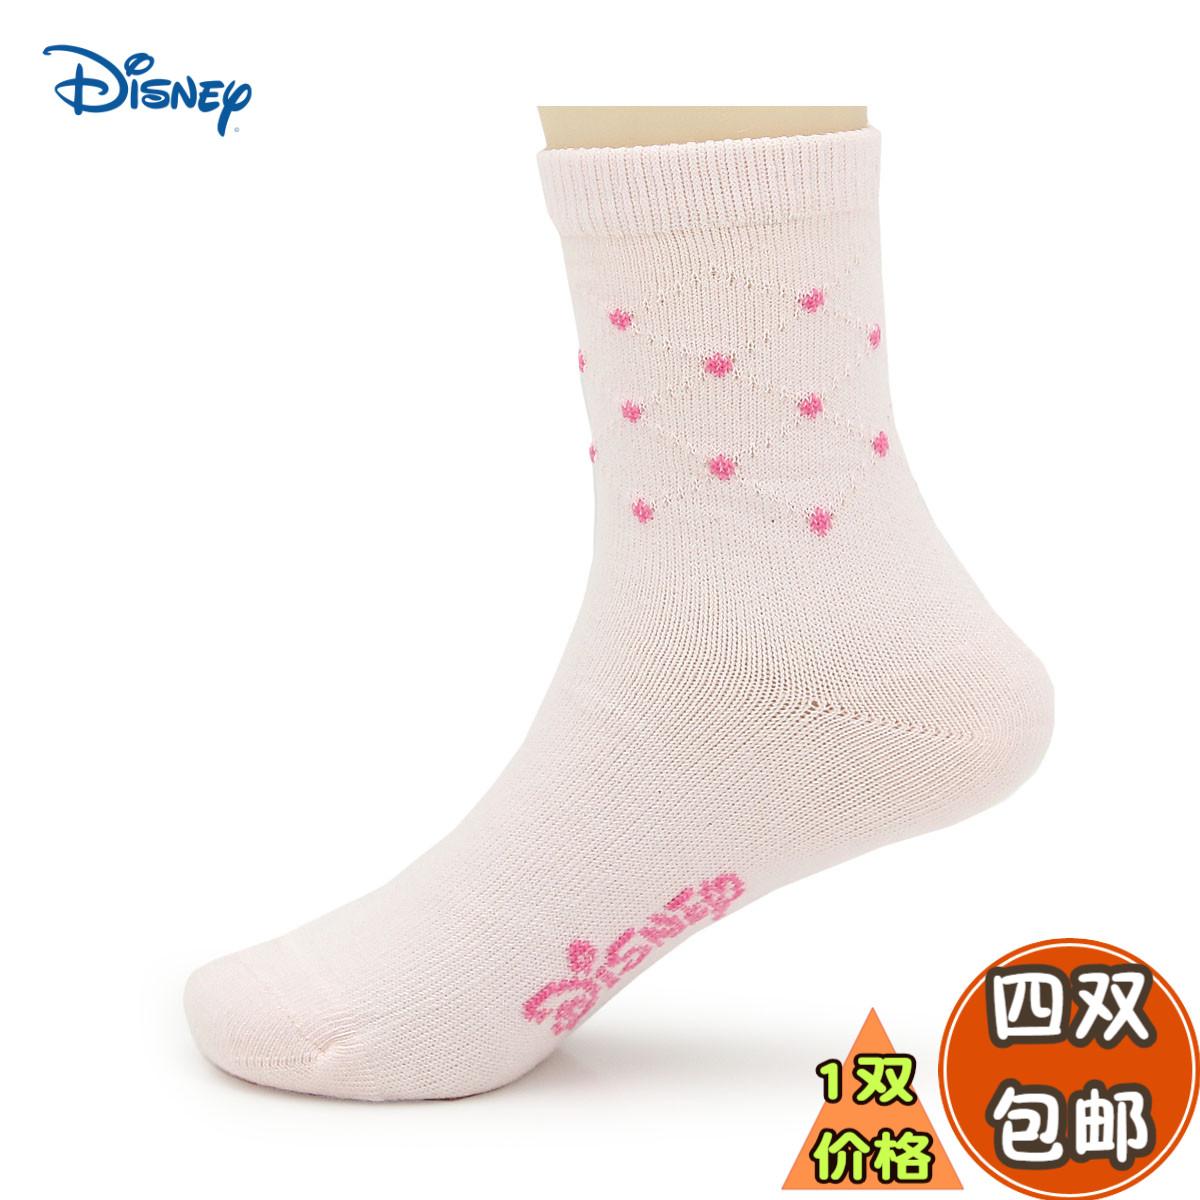 专柜三枪内衣迪士尼全棉袜儿童袜子秋冬圆点保暖中筒袜女童厚棉袜